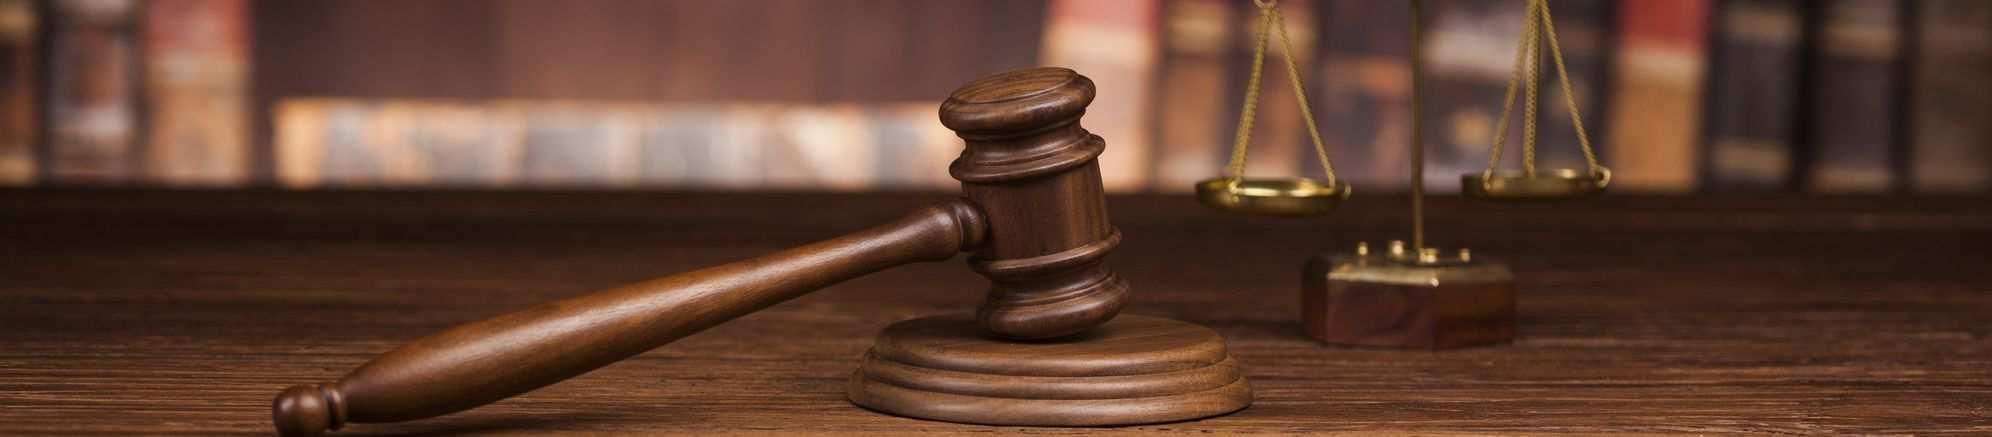 Geldstrafe Bei Staatsanwaltschaft In Raten Abbezahlen Musterschreiben